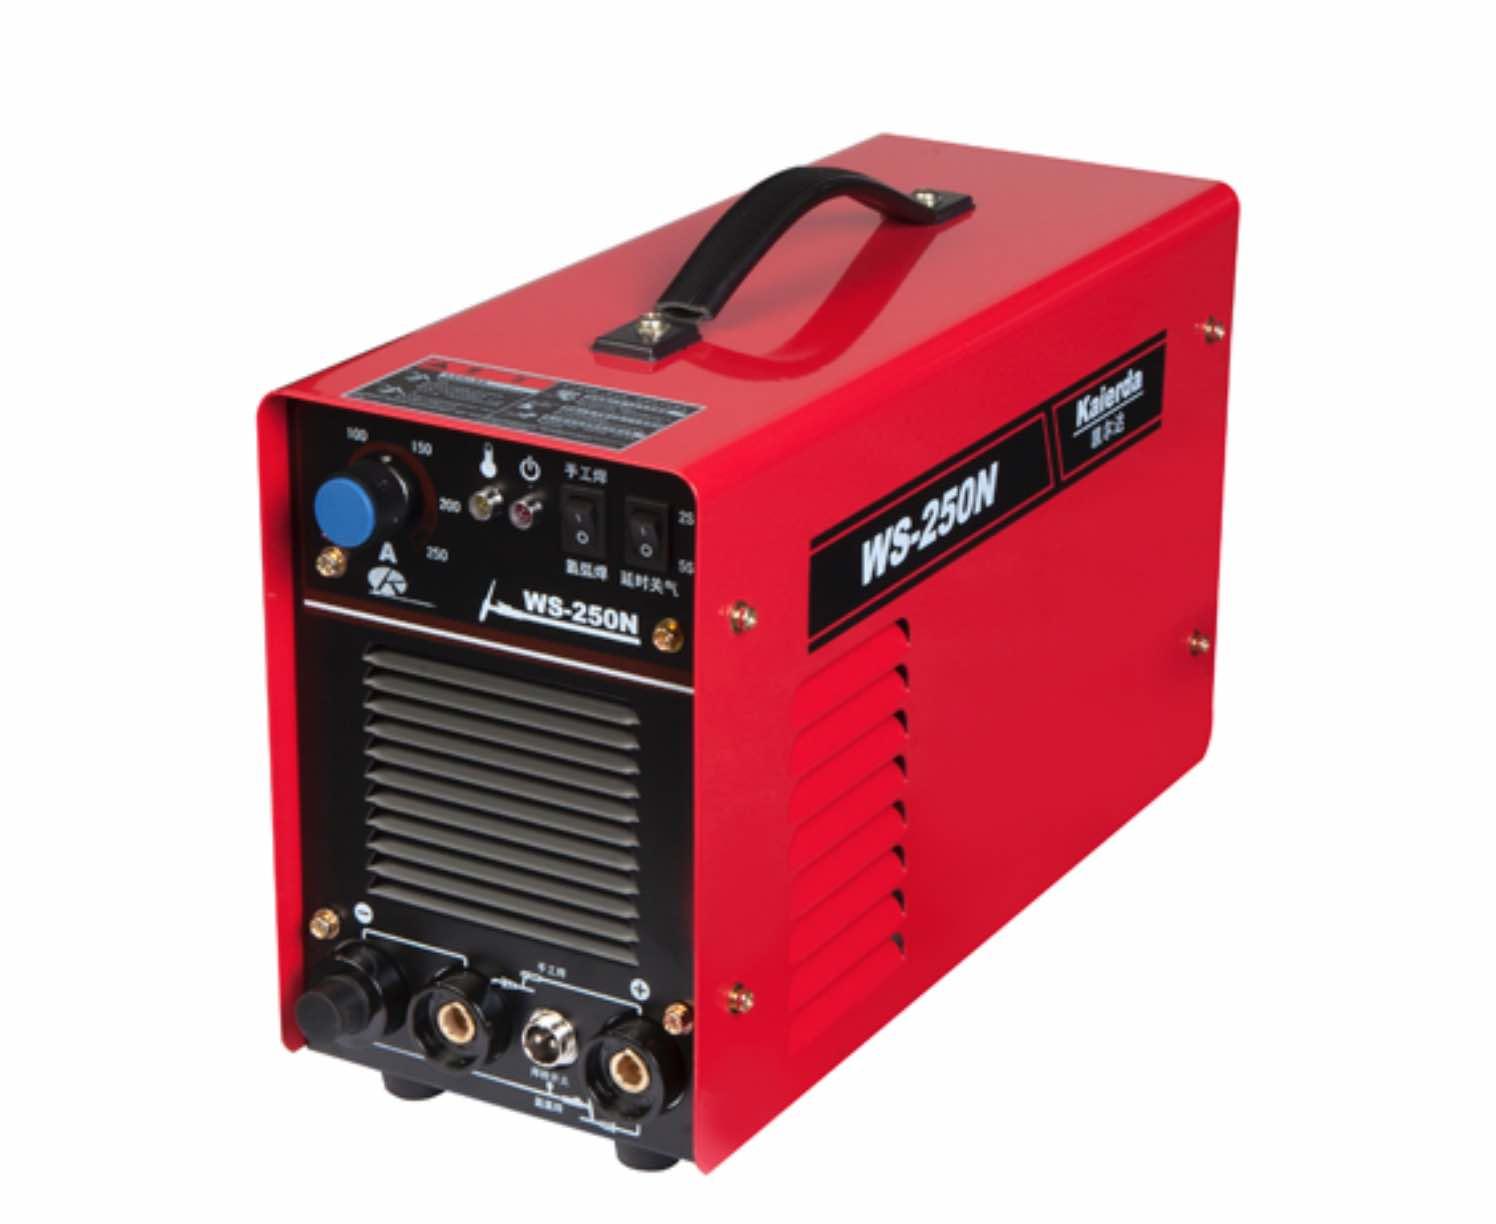 kaierda-tig-welding-machine-ws200n.jpg